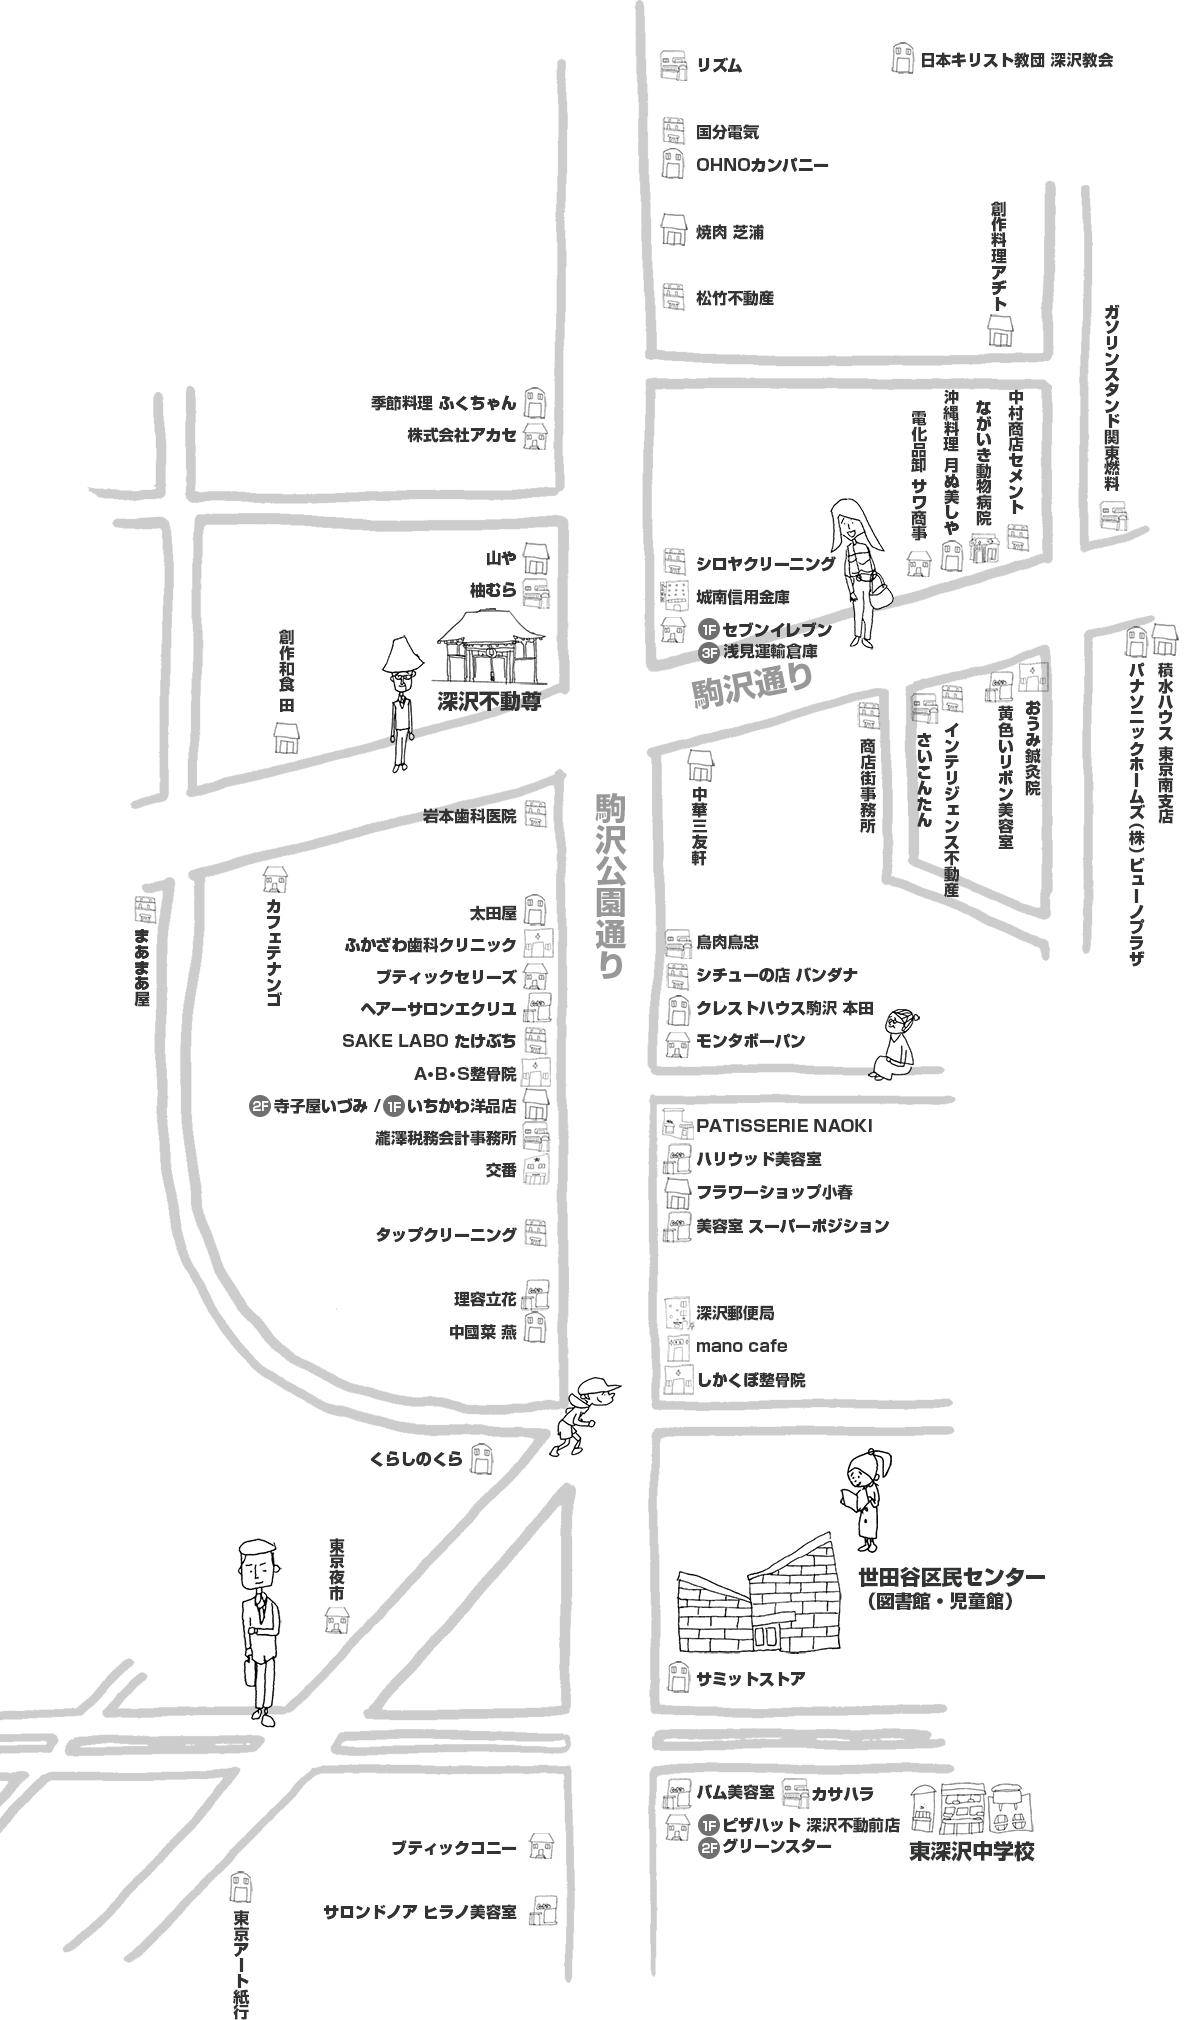 深沢中央商店街MAP